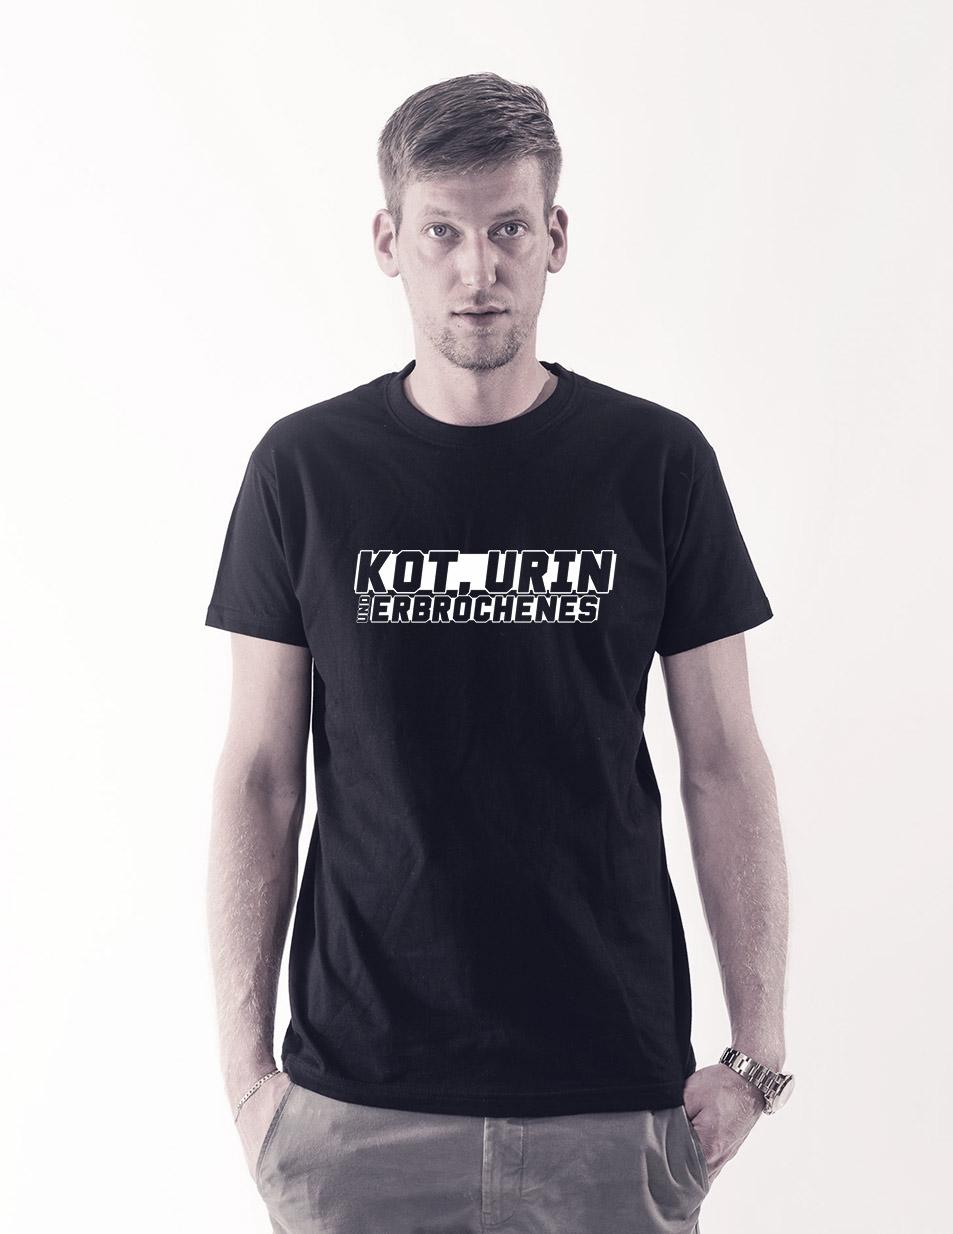 Kleiner Abkacker T-Shirt weiß auf schwarz